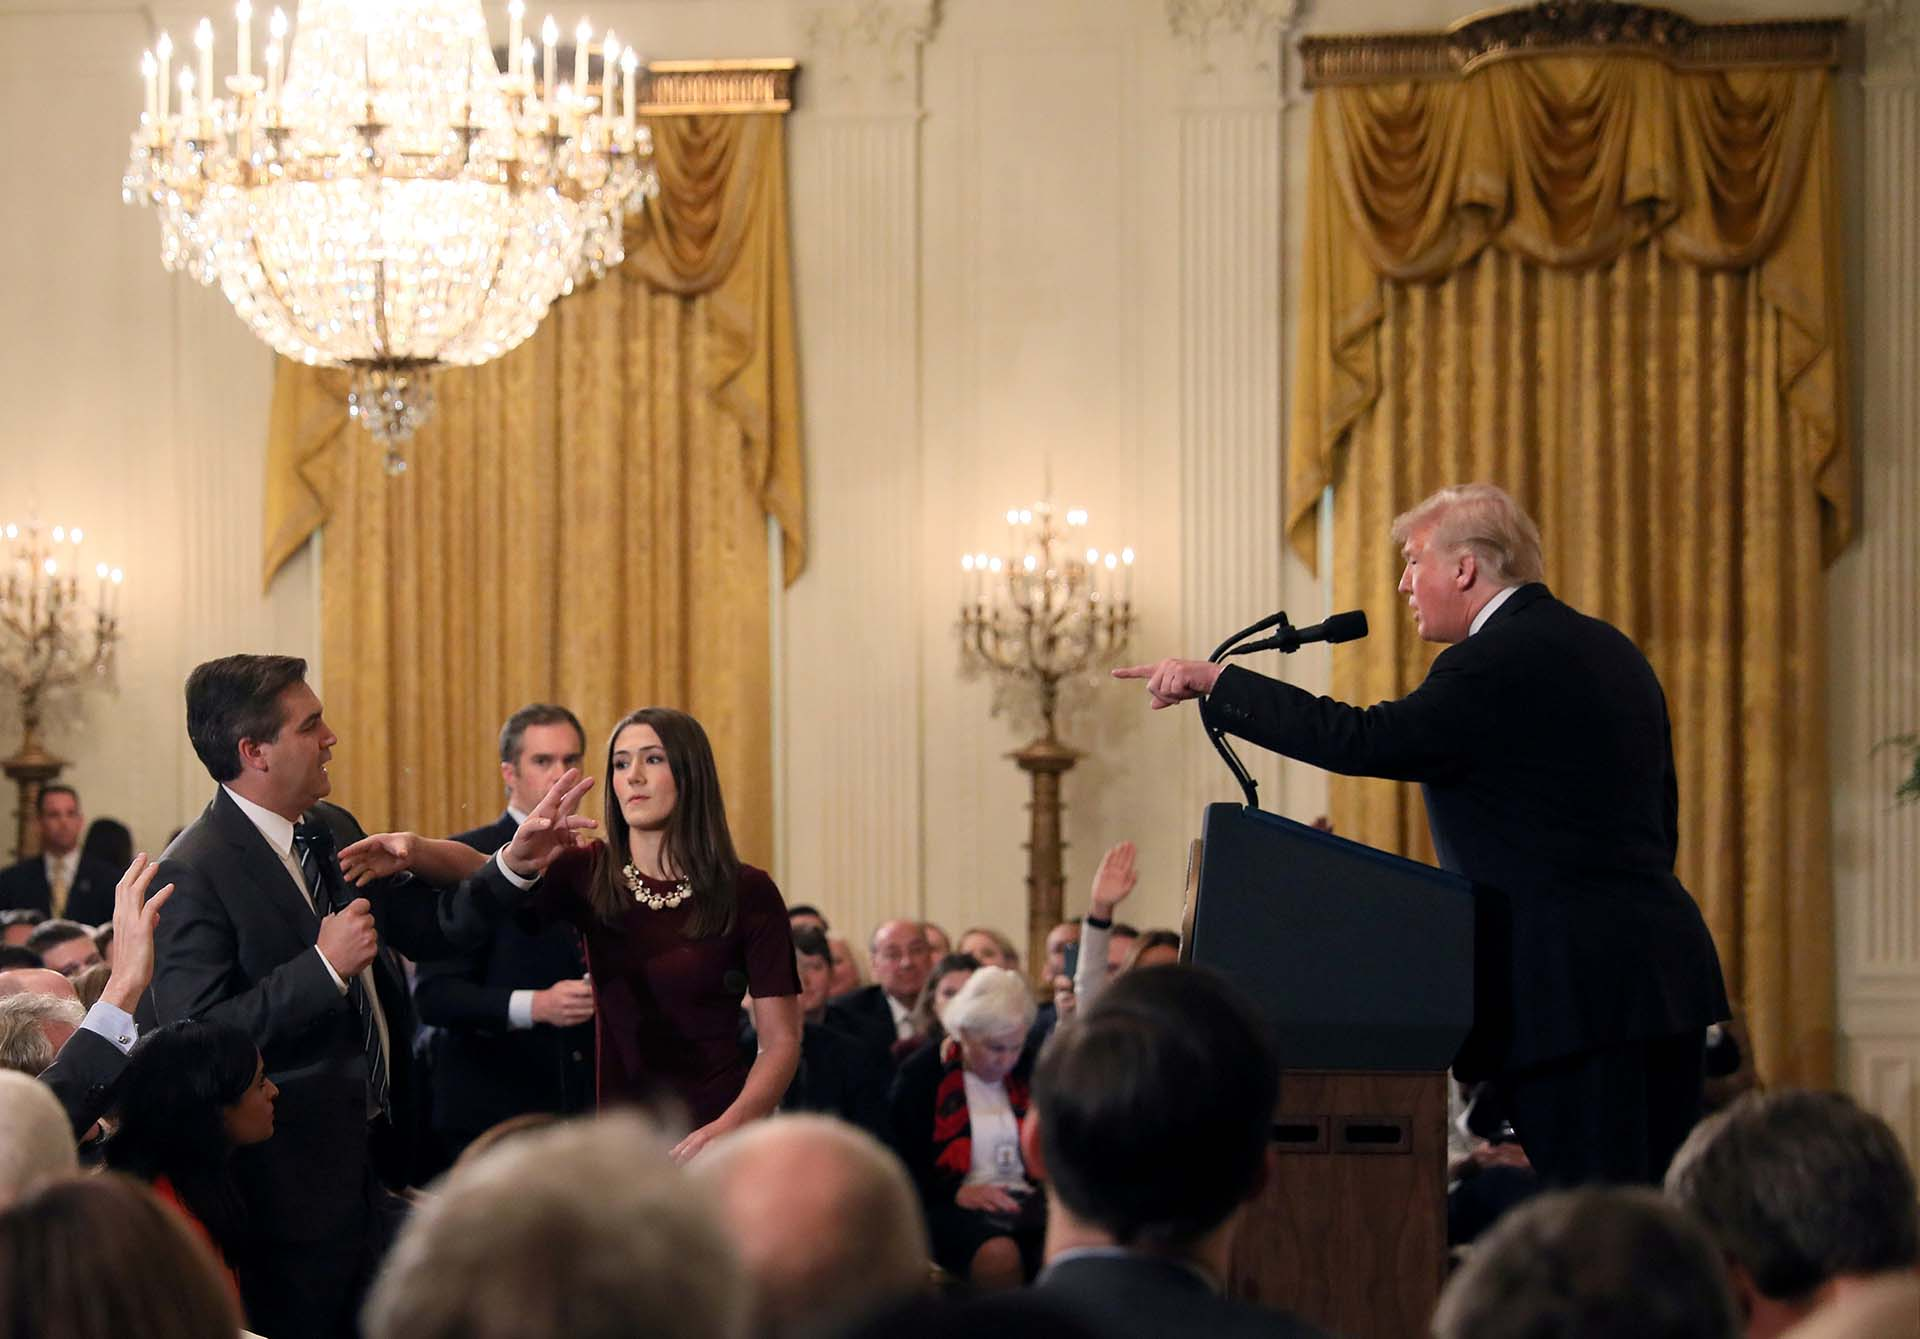 El 7 de noviembre Donald Trump increpa al periodista de la CNN Jim Acosta durante una conferencia de prensa y exige que se le retire el micrófono